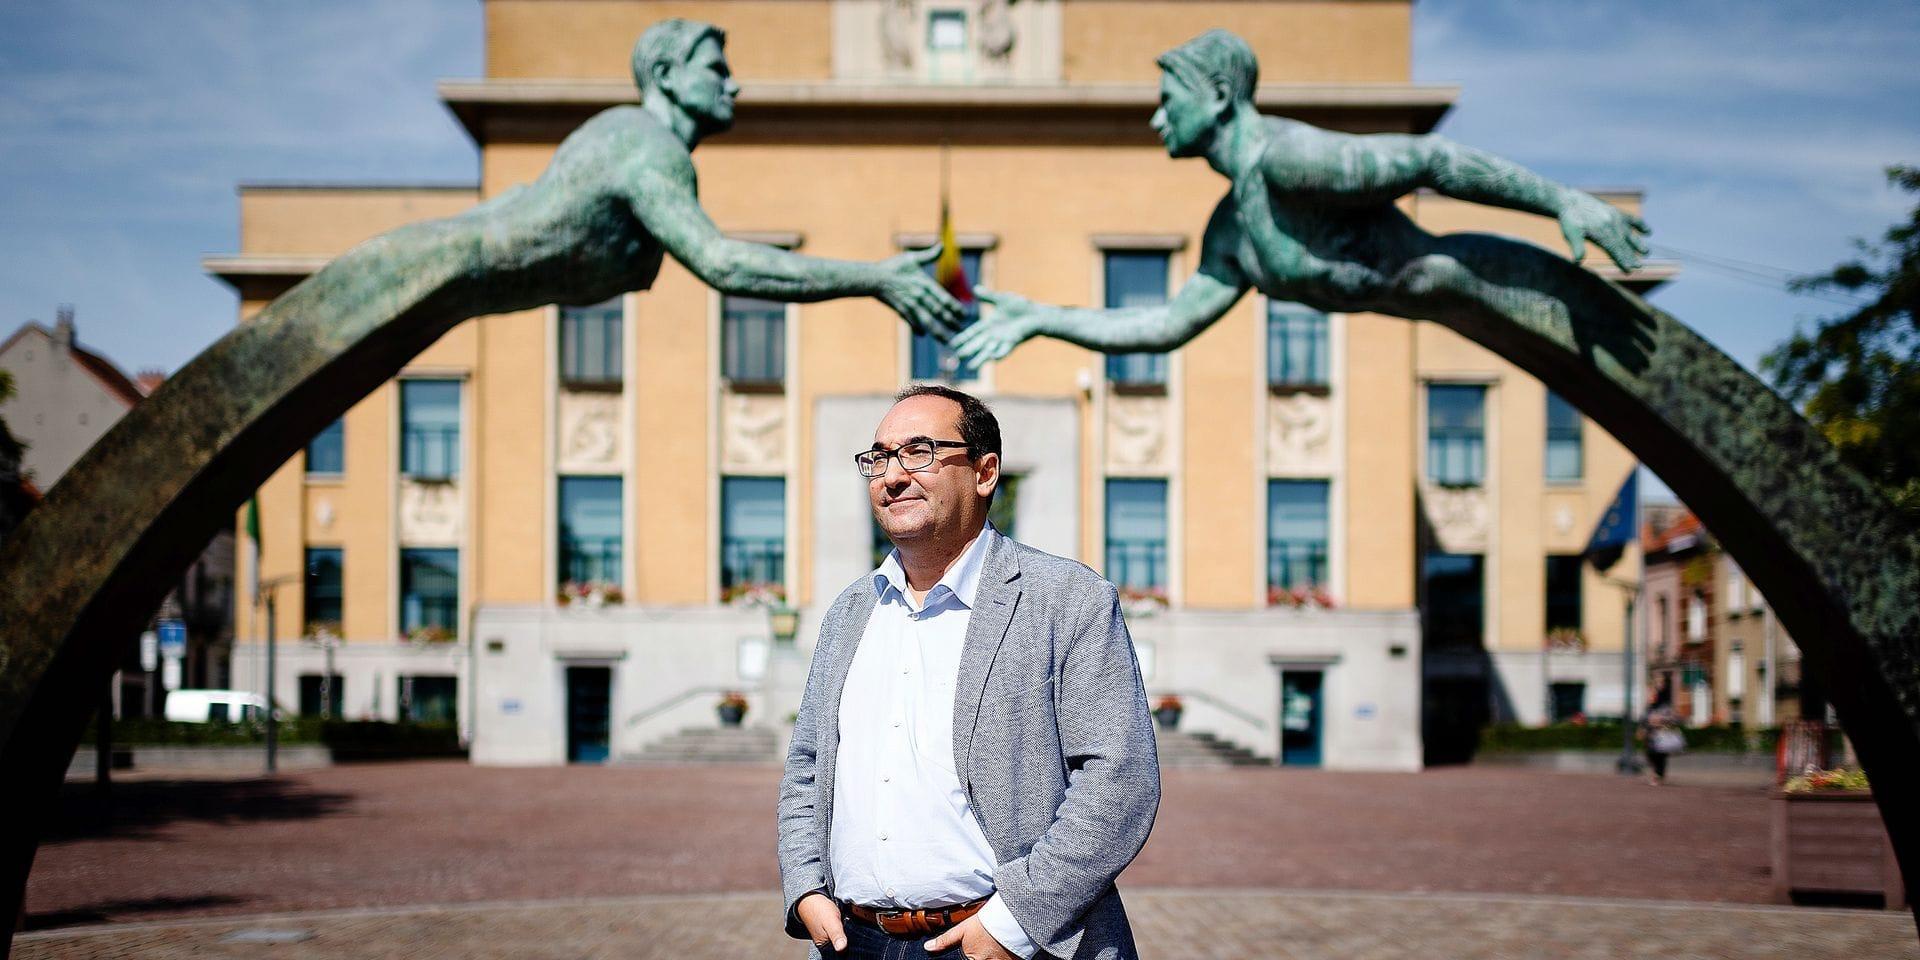 Bruxelles - Koekelberg: Ahmed Laaouej (PS) - Bourgmestre de la commune de Koekelberg et Chef du groupe parlementaire PS à la Chambre des représentants